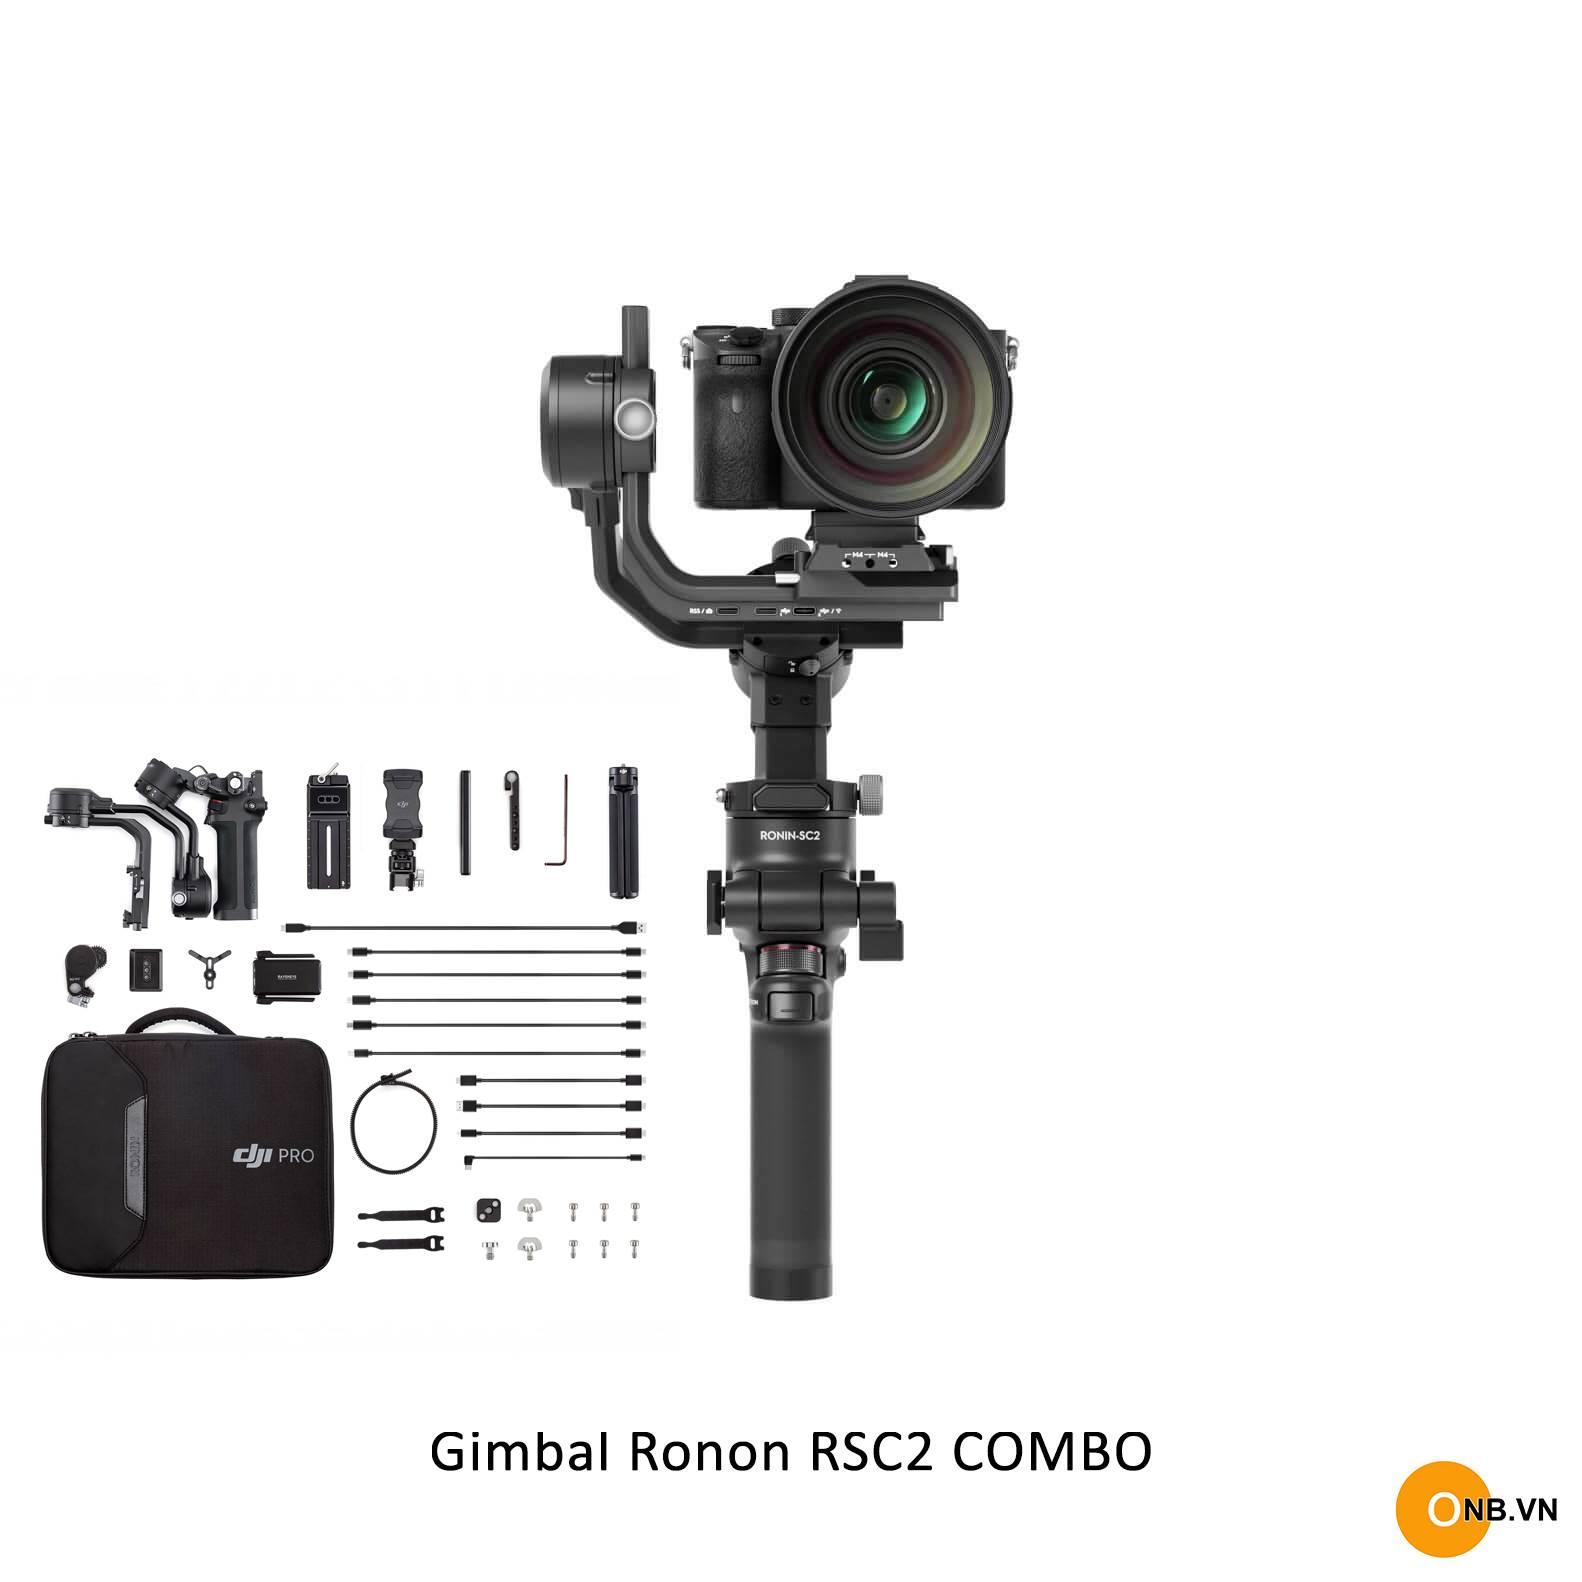 Gimbal Ronin RSC2 Bản Combo - Chống rung quay phim máy ảnh